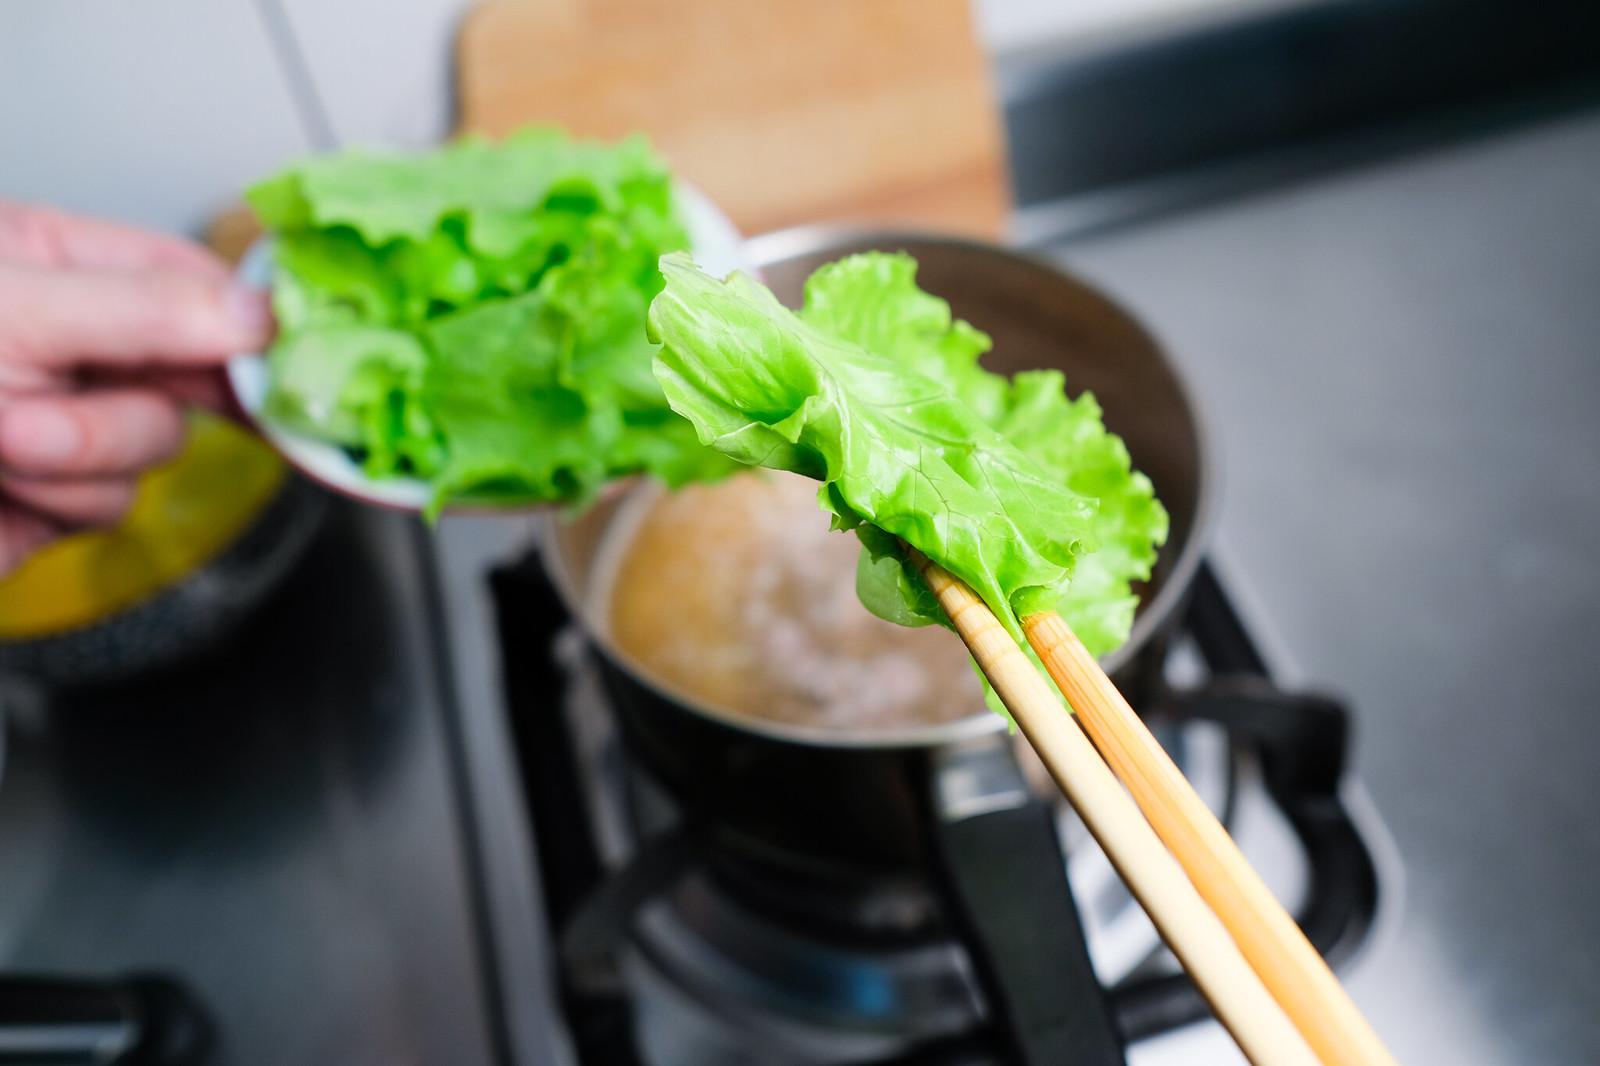 老協珍熬湯粥-牛肉蔬菜滑蛋-放入青菜